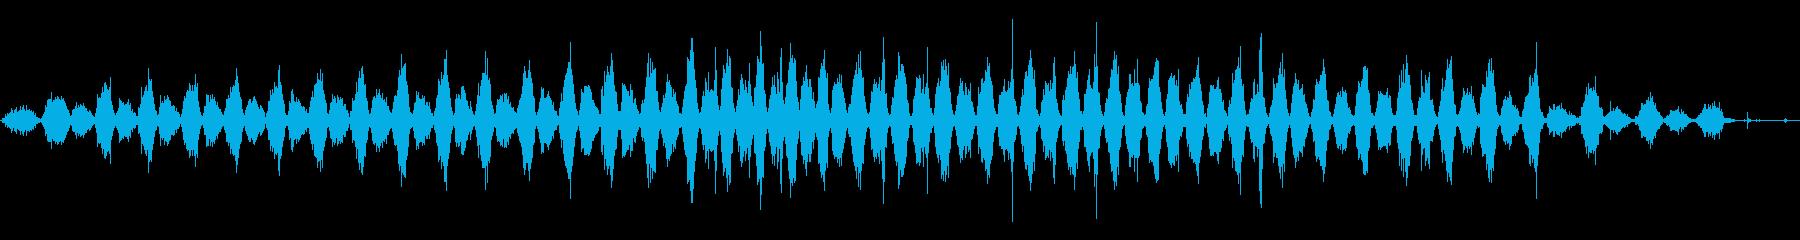 クロスカットソー:2 x 4のソー...の再生済みの波形